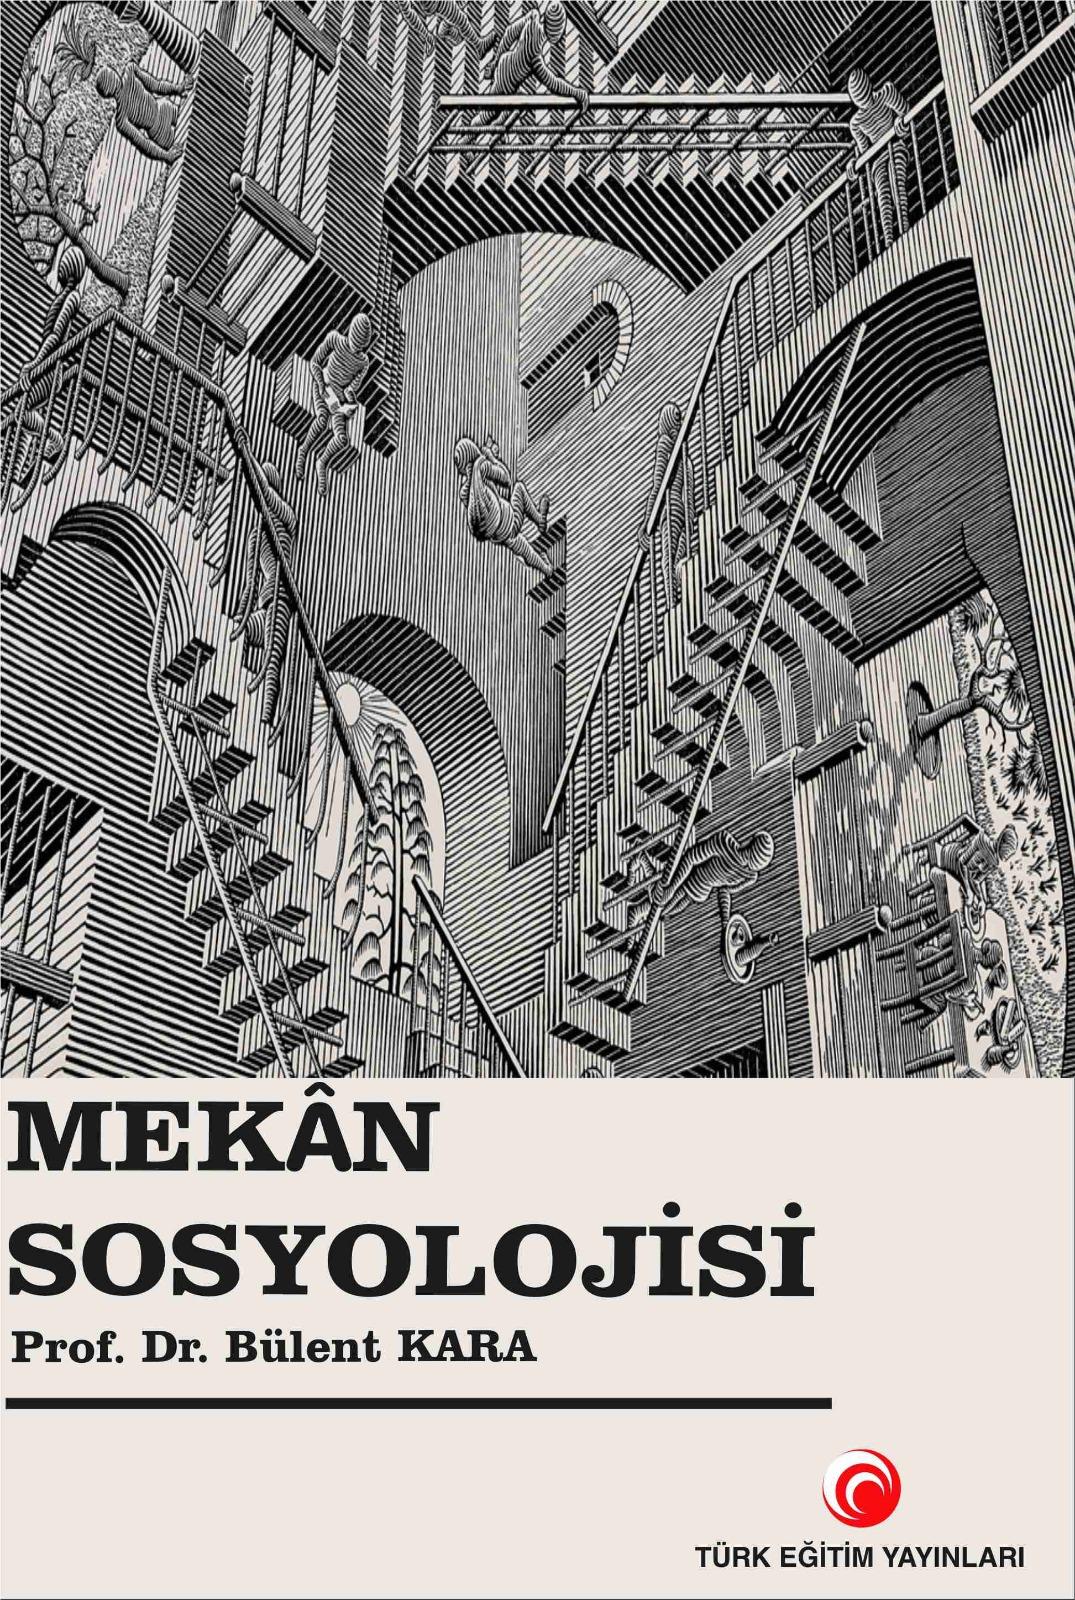 Mekân Sosyolojisi